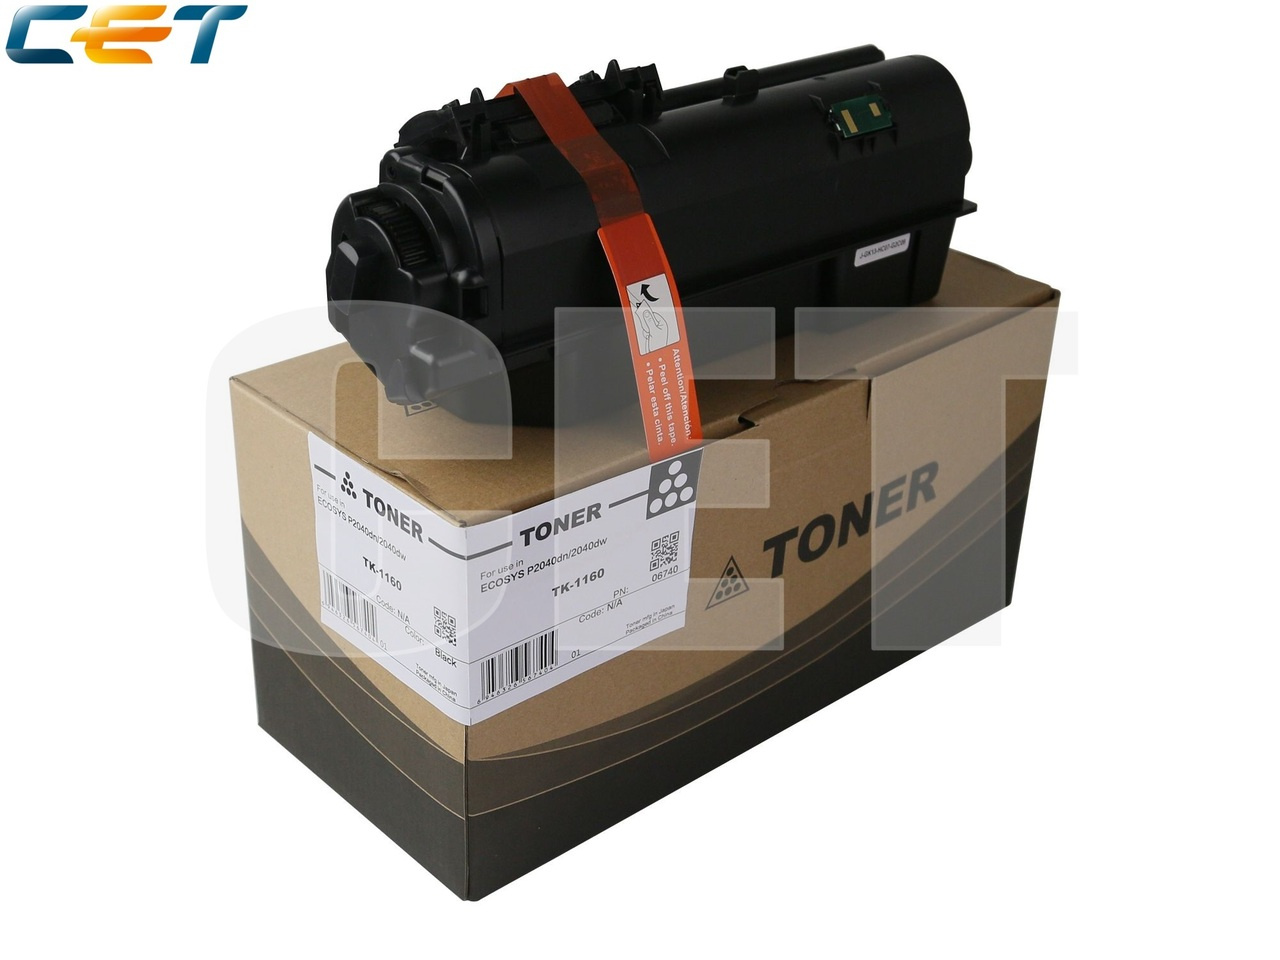 Тонер-картридж (PK9) TK-1160 для KYOCERA ECOSYSP2040dn/P2040dw (CET), 280г, 7200 стр., CET6740